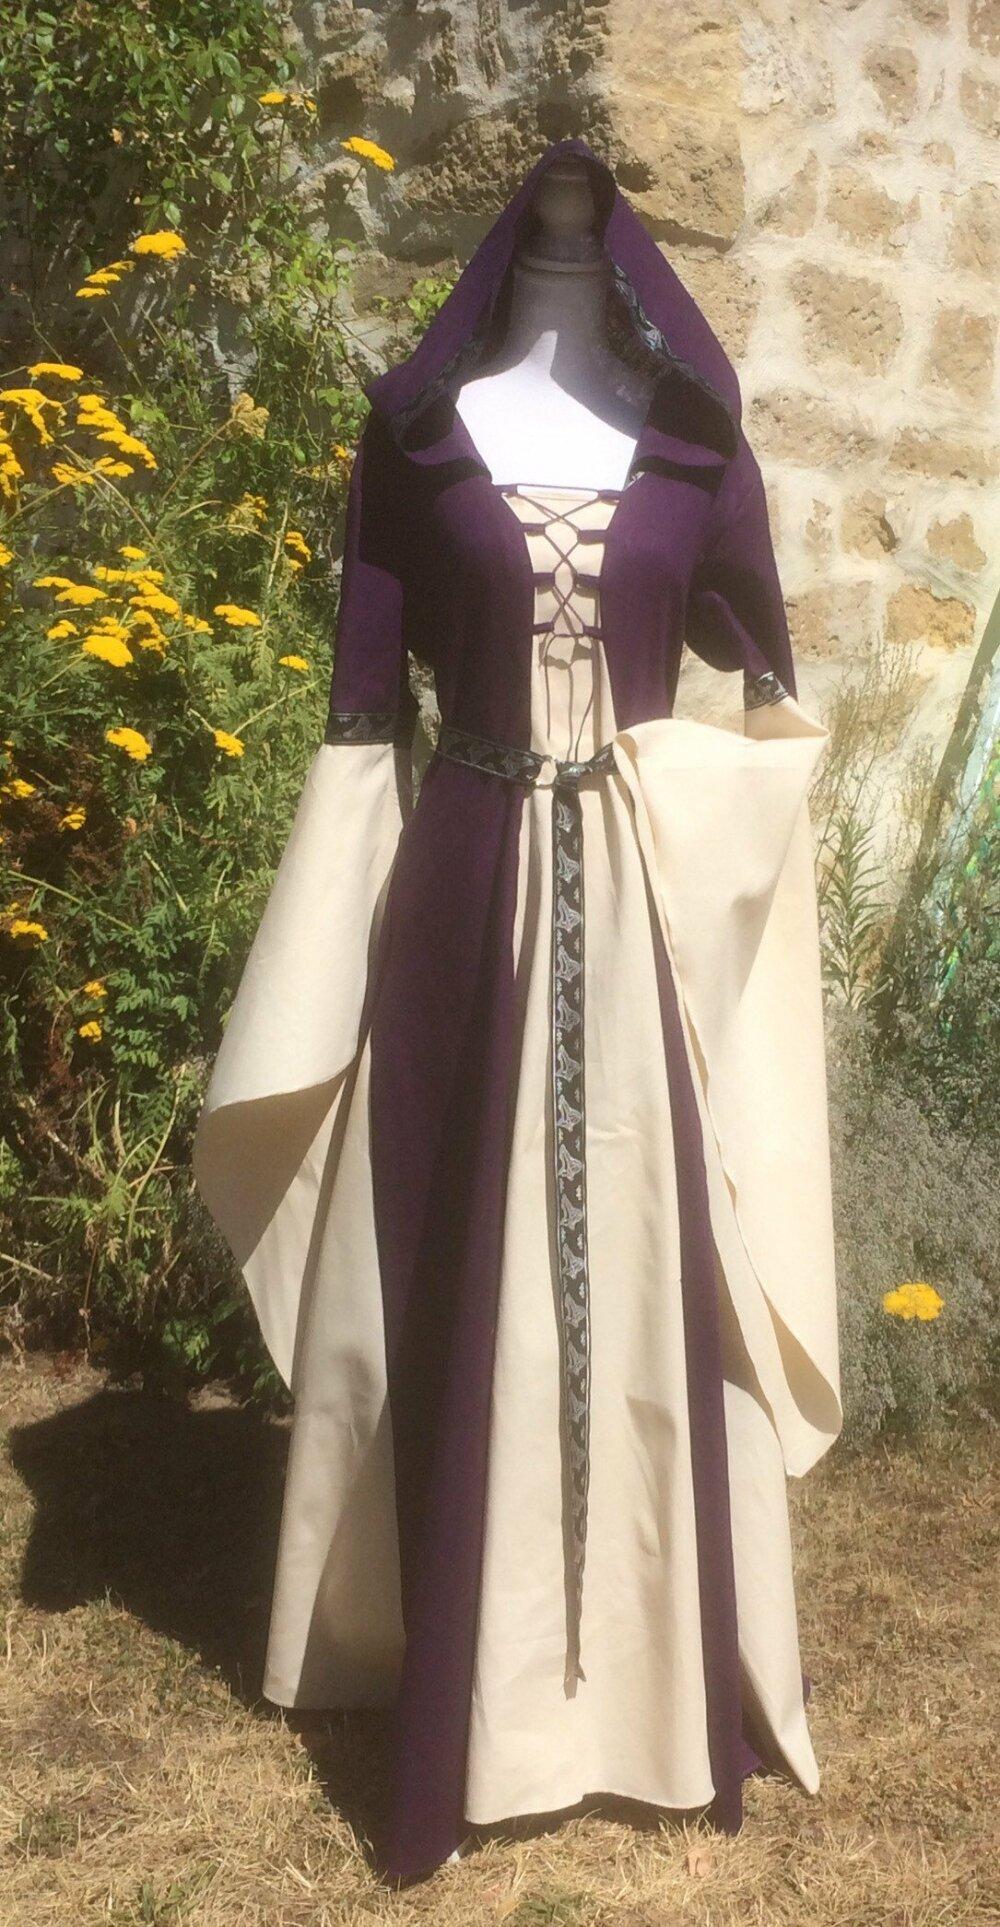 Robe Elfique Femme Violette Et Ecrue Avec Capuche Et Tres Longues Manches Un Grand Marche